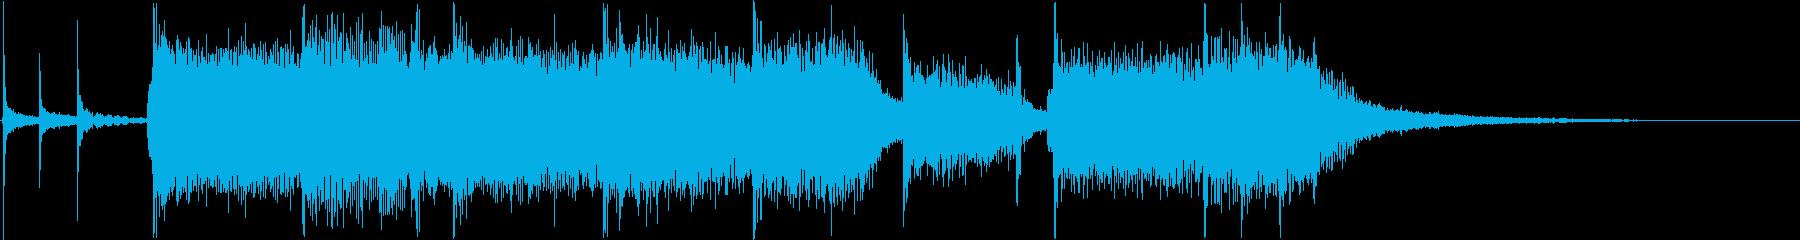 恐ろしい・強いハロウィン風のメタルの再生済みの波形